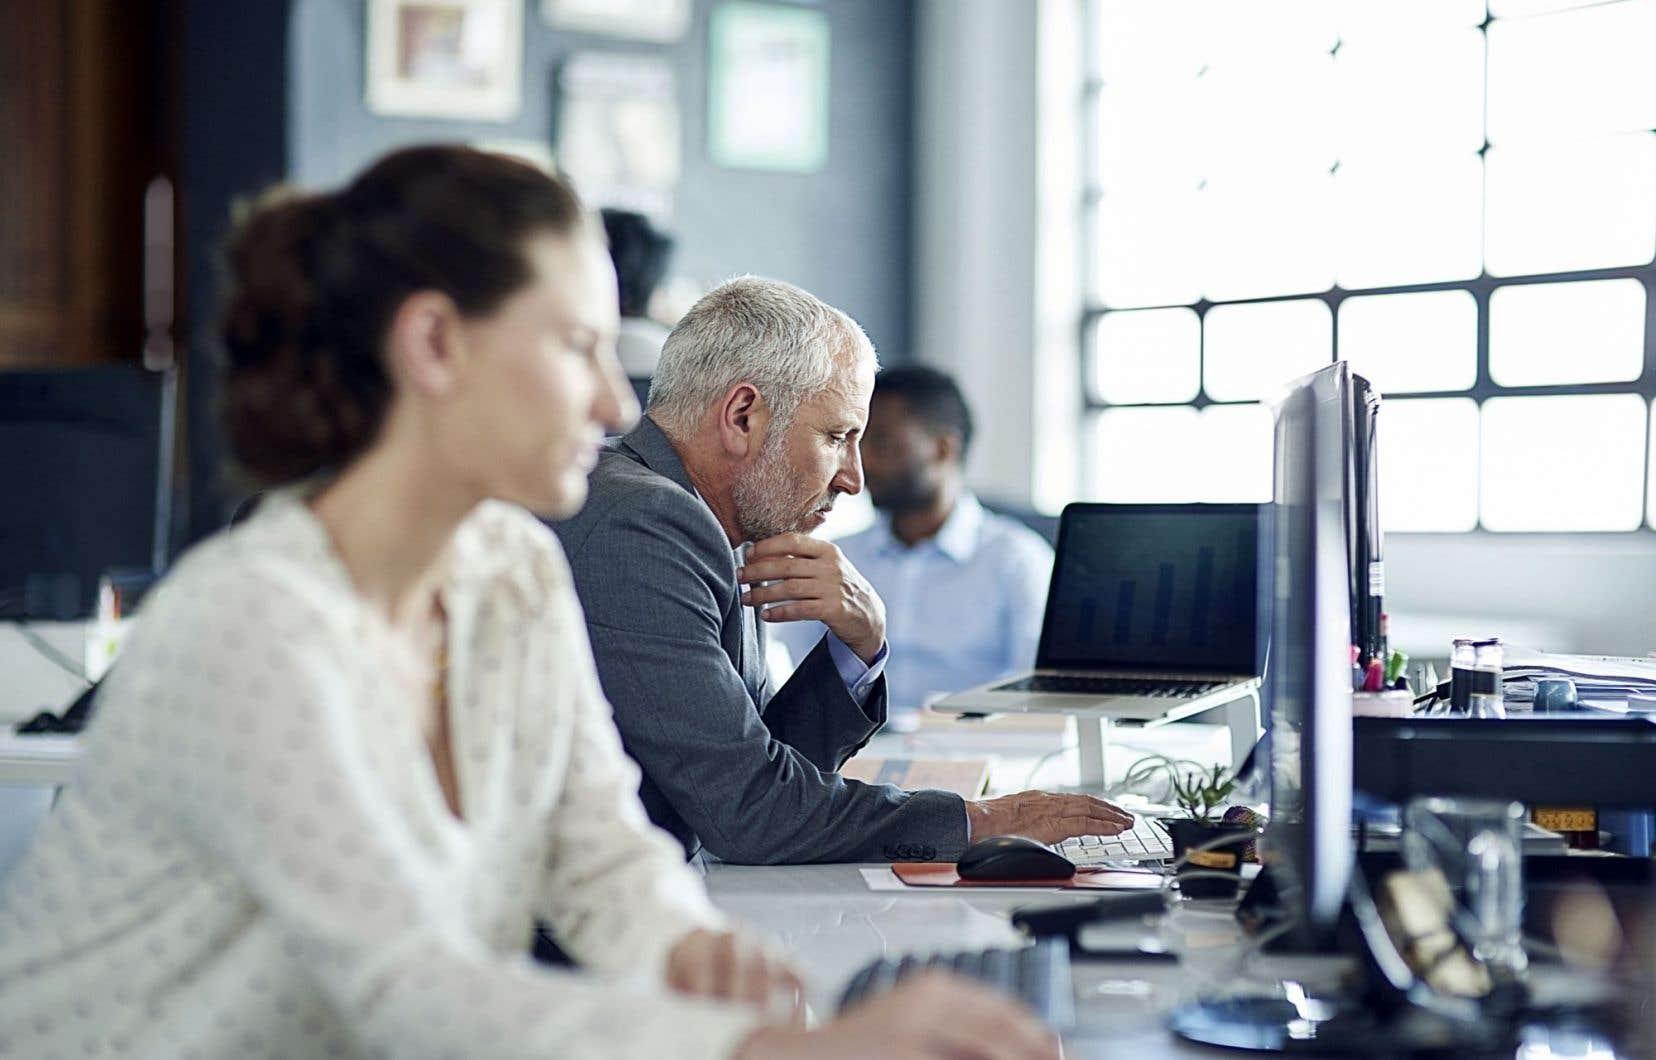 Les gens qui sont privés de connaissances de base éprouvent des problèmes accrus dans leur travail et dans l'exercice de leur quotidien.